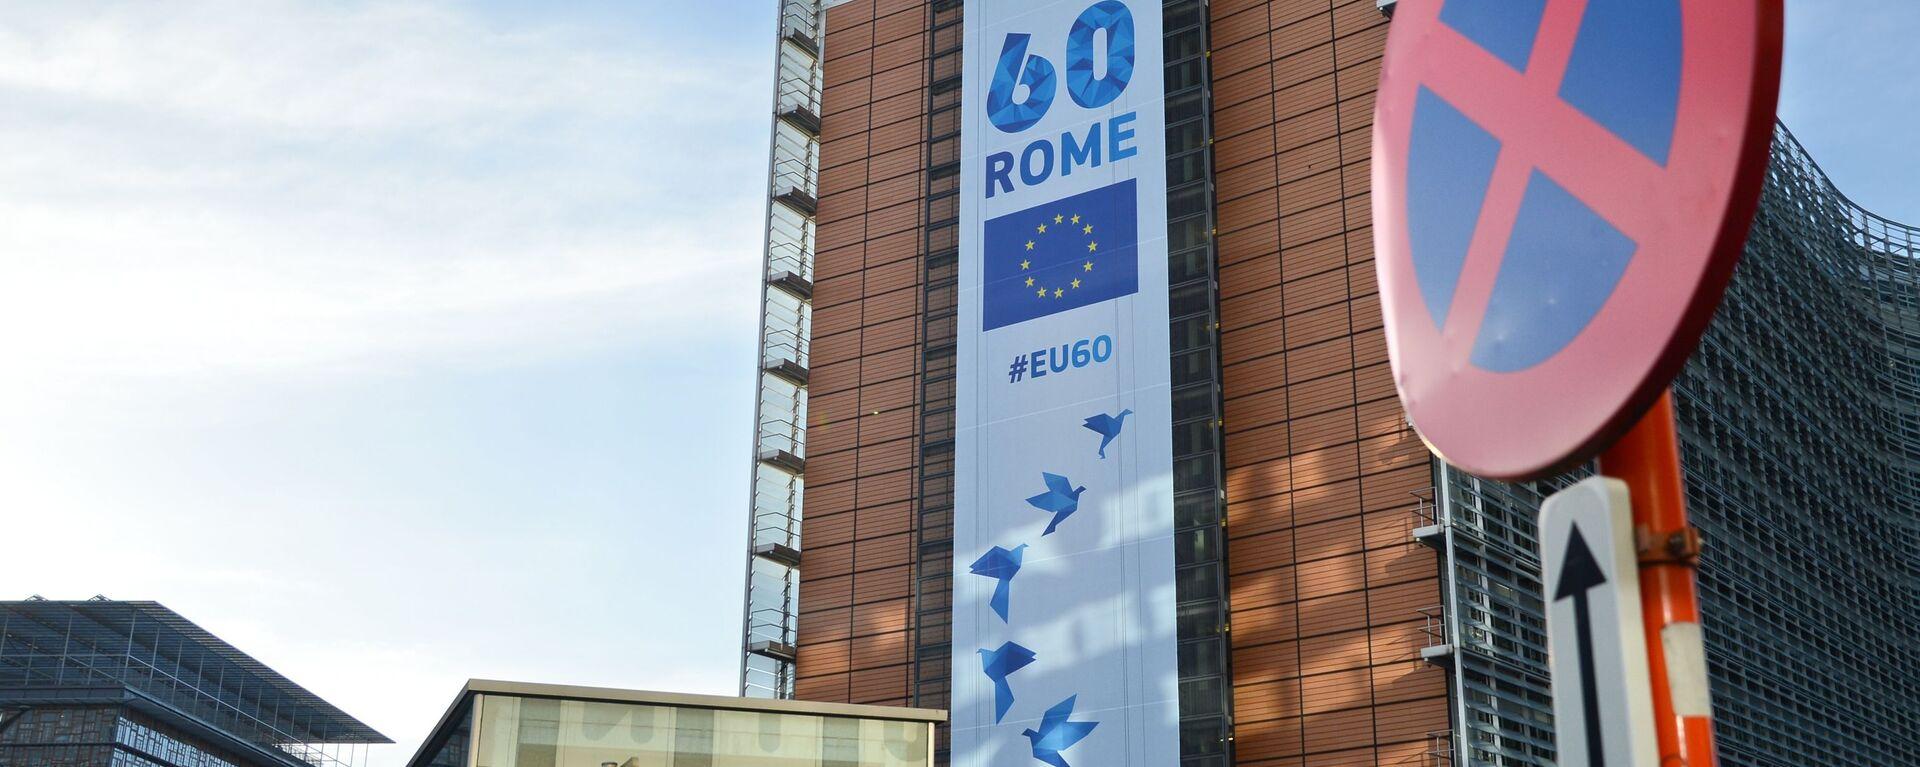 Budova Evropské komise v Bruselu - Sputnik Česká republika, 1920, 17.03.2021